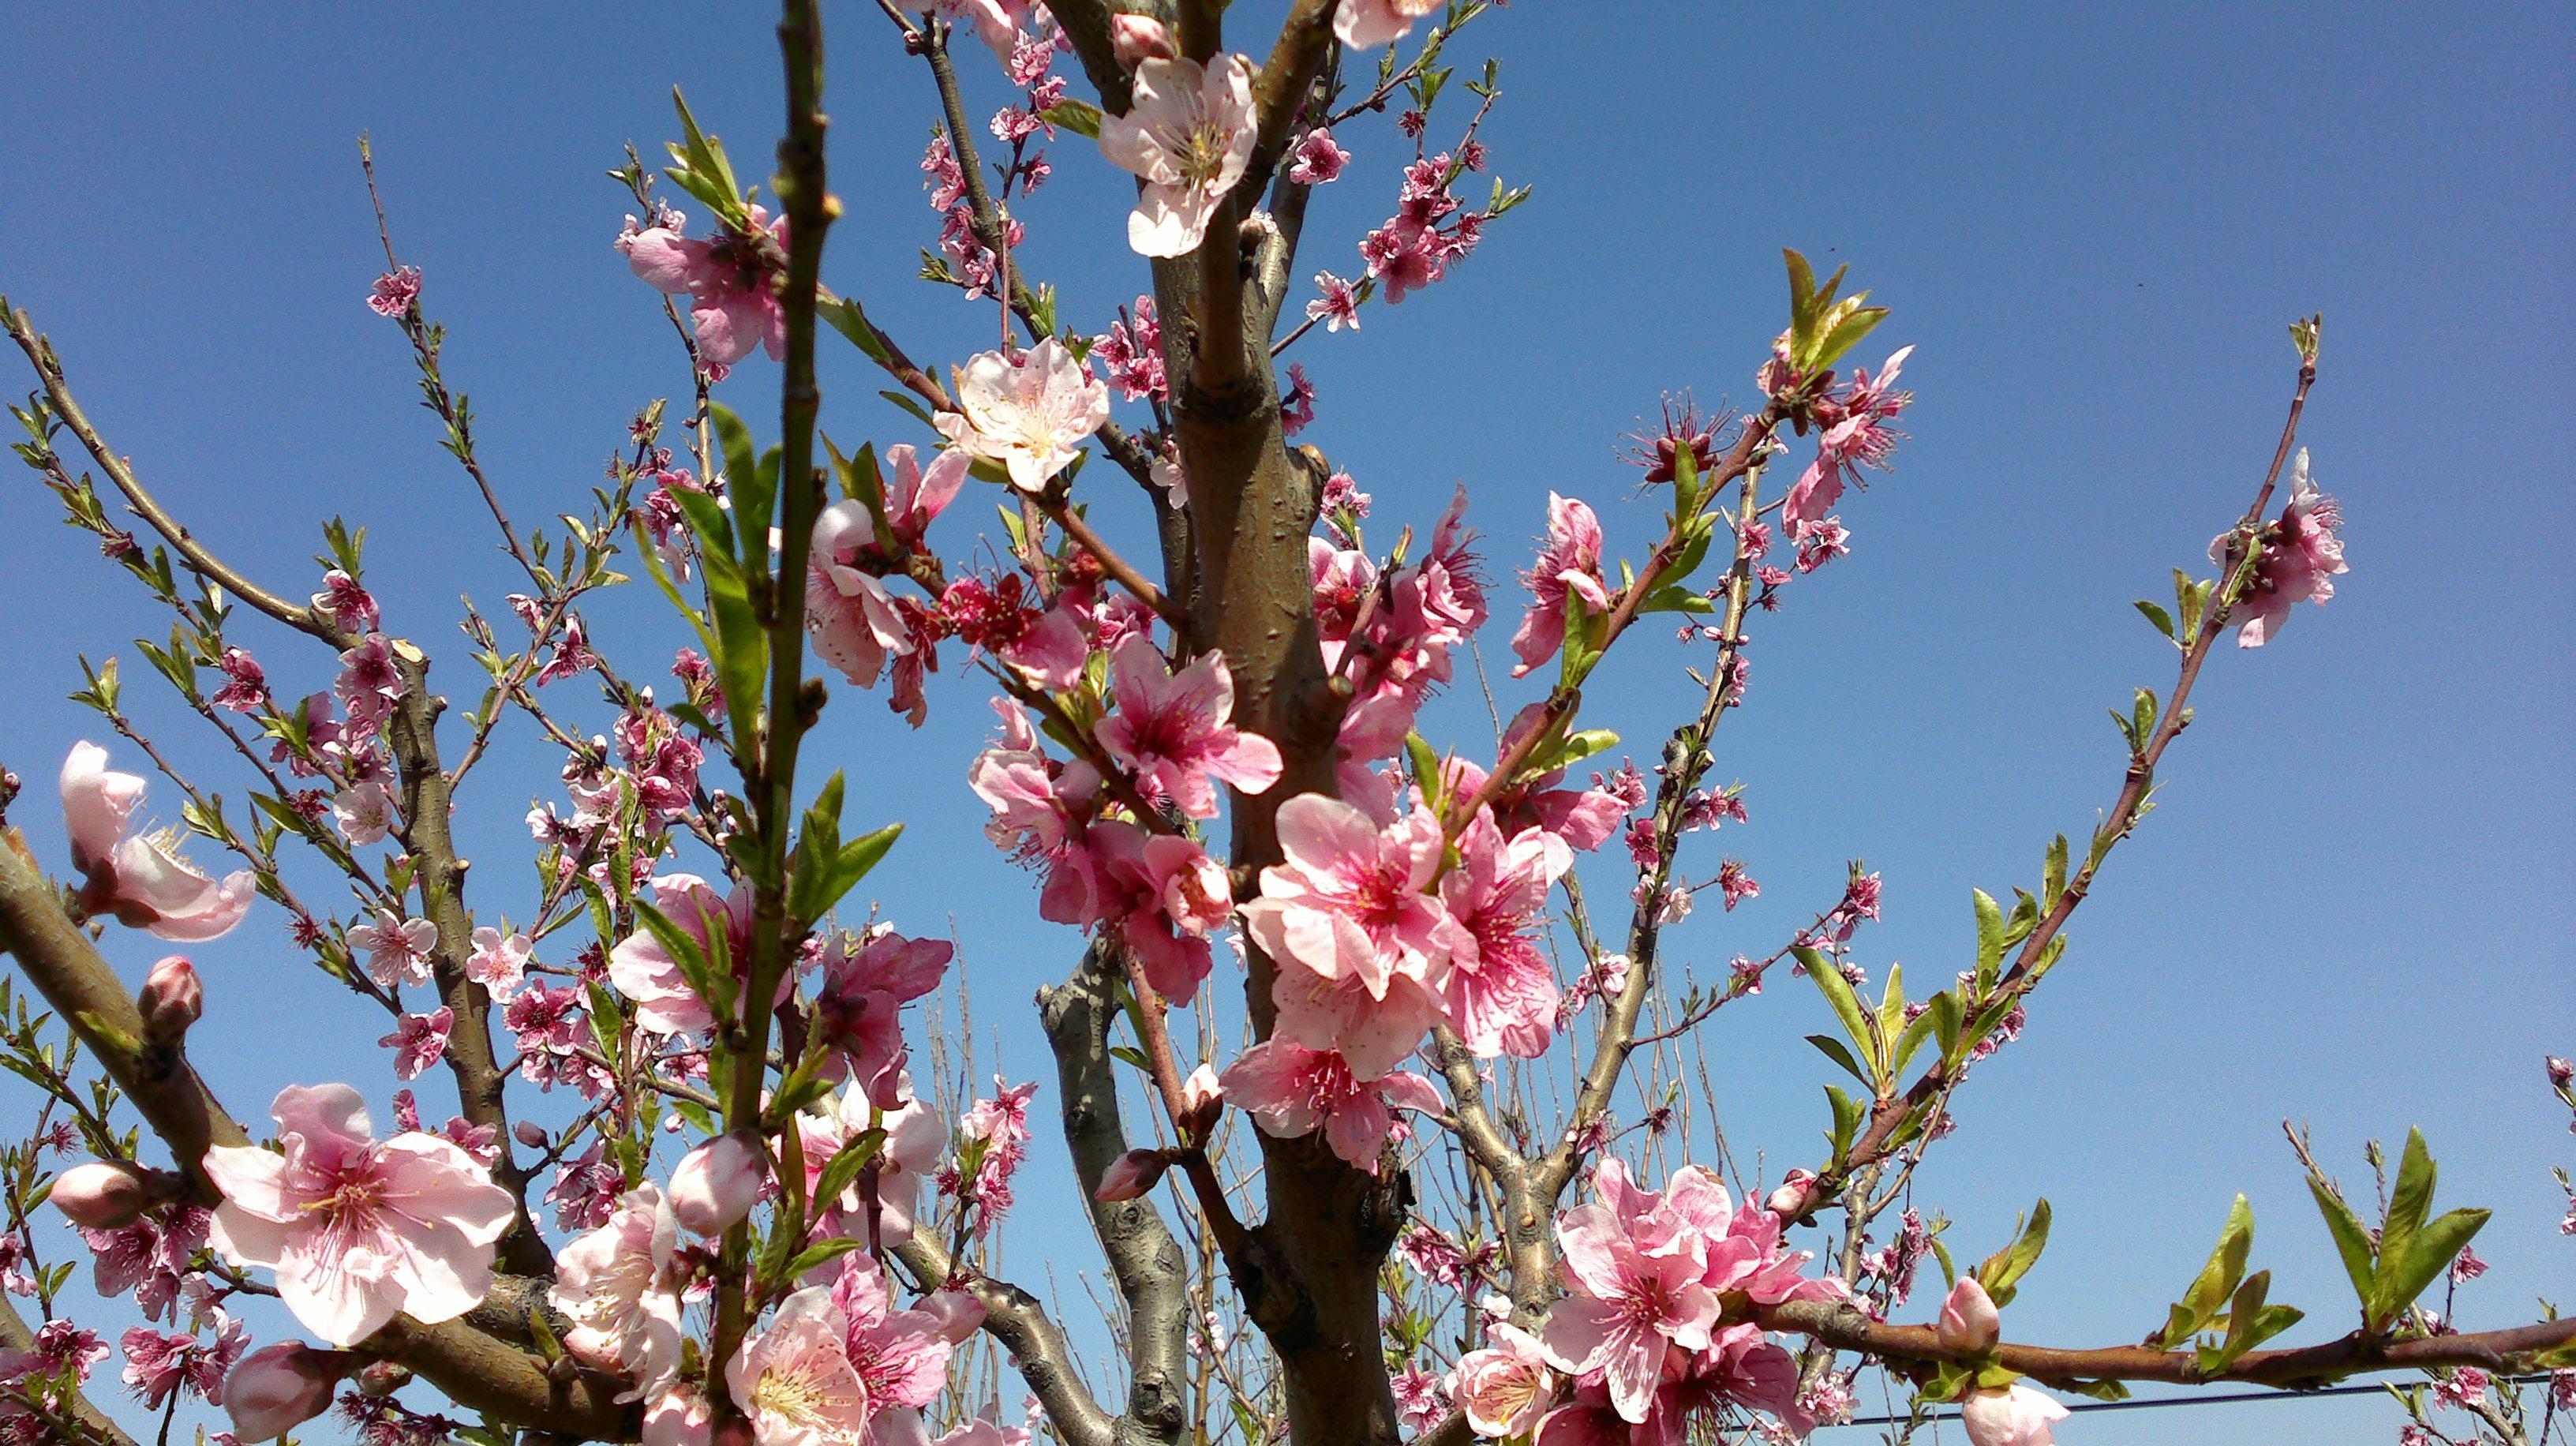 nektari ağacı